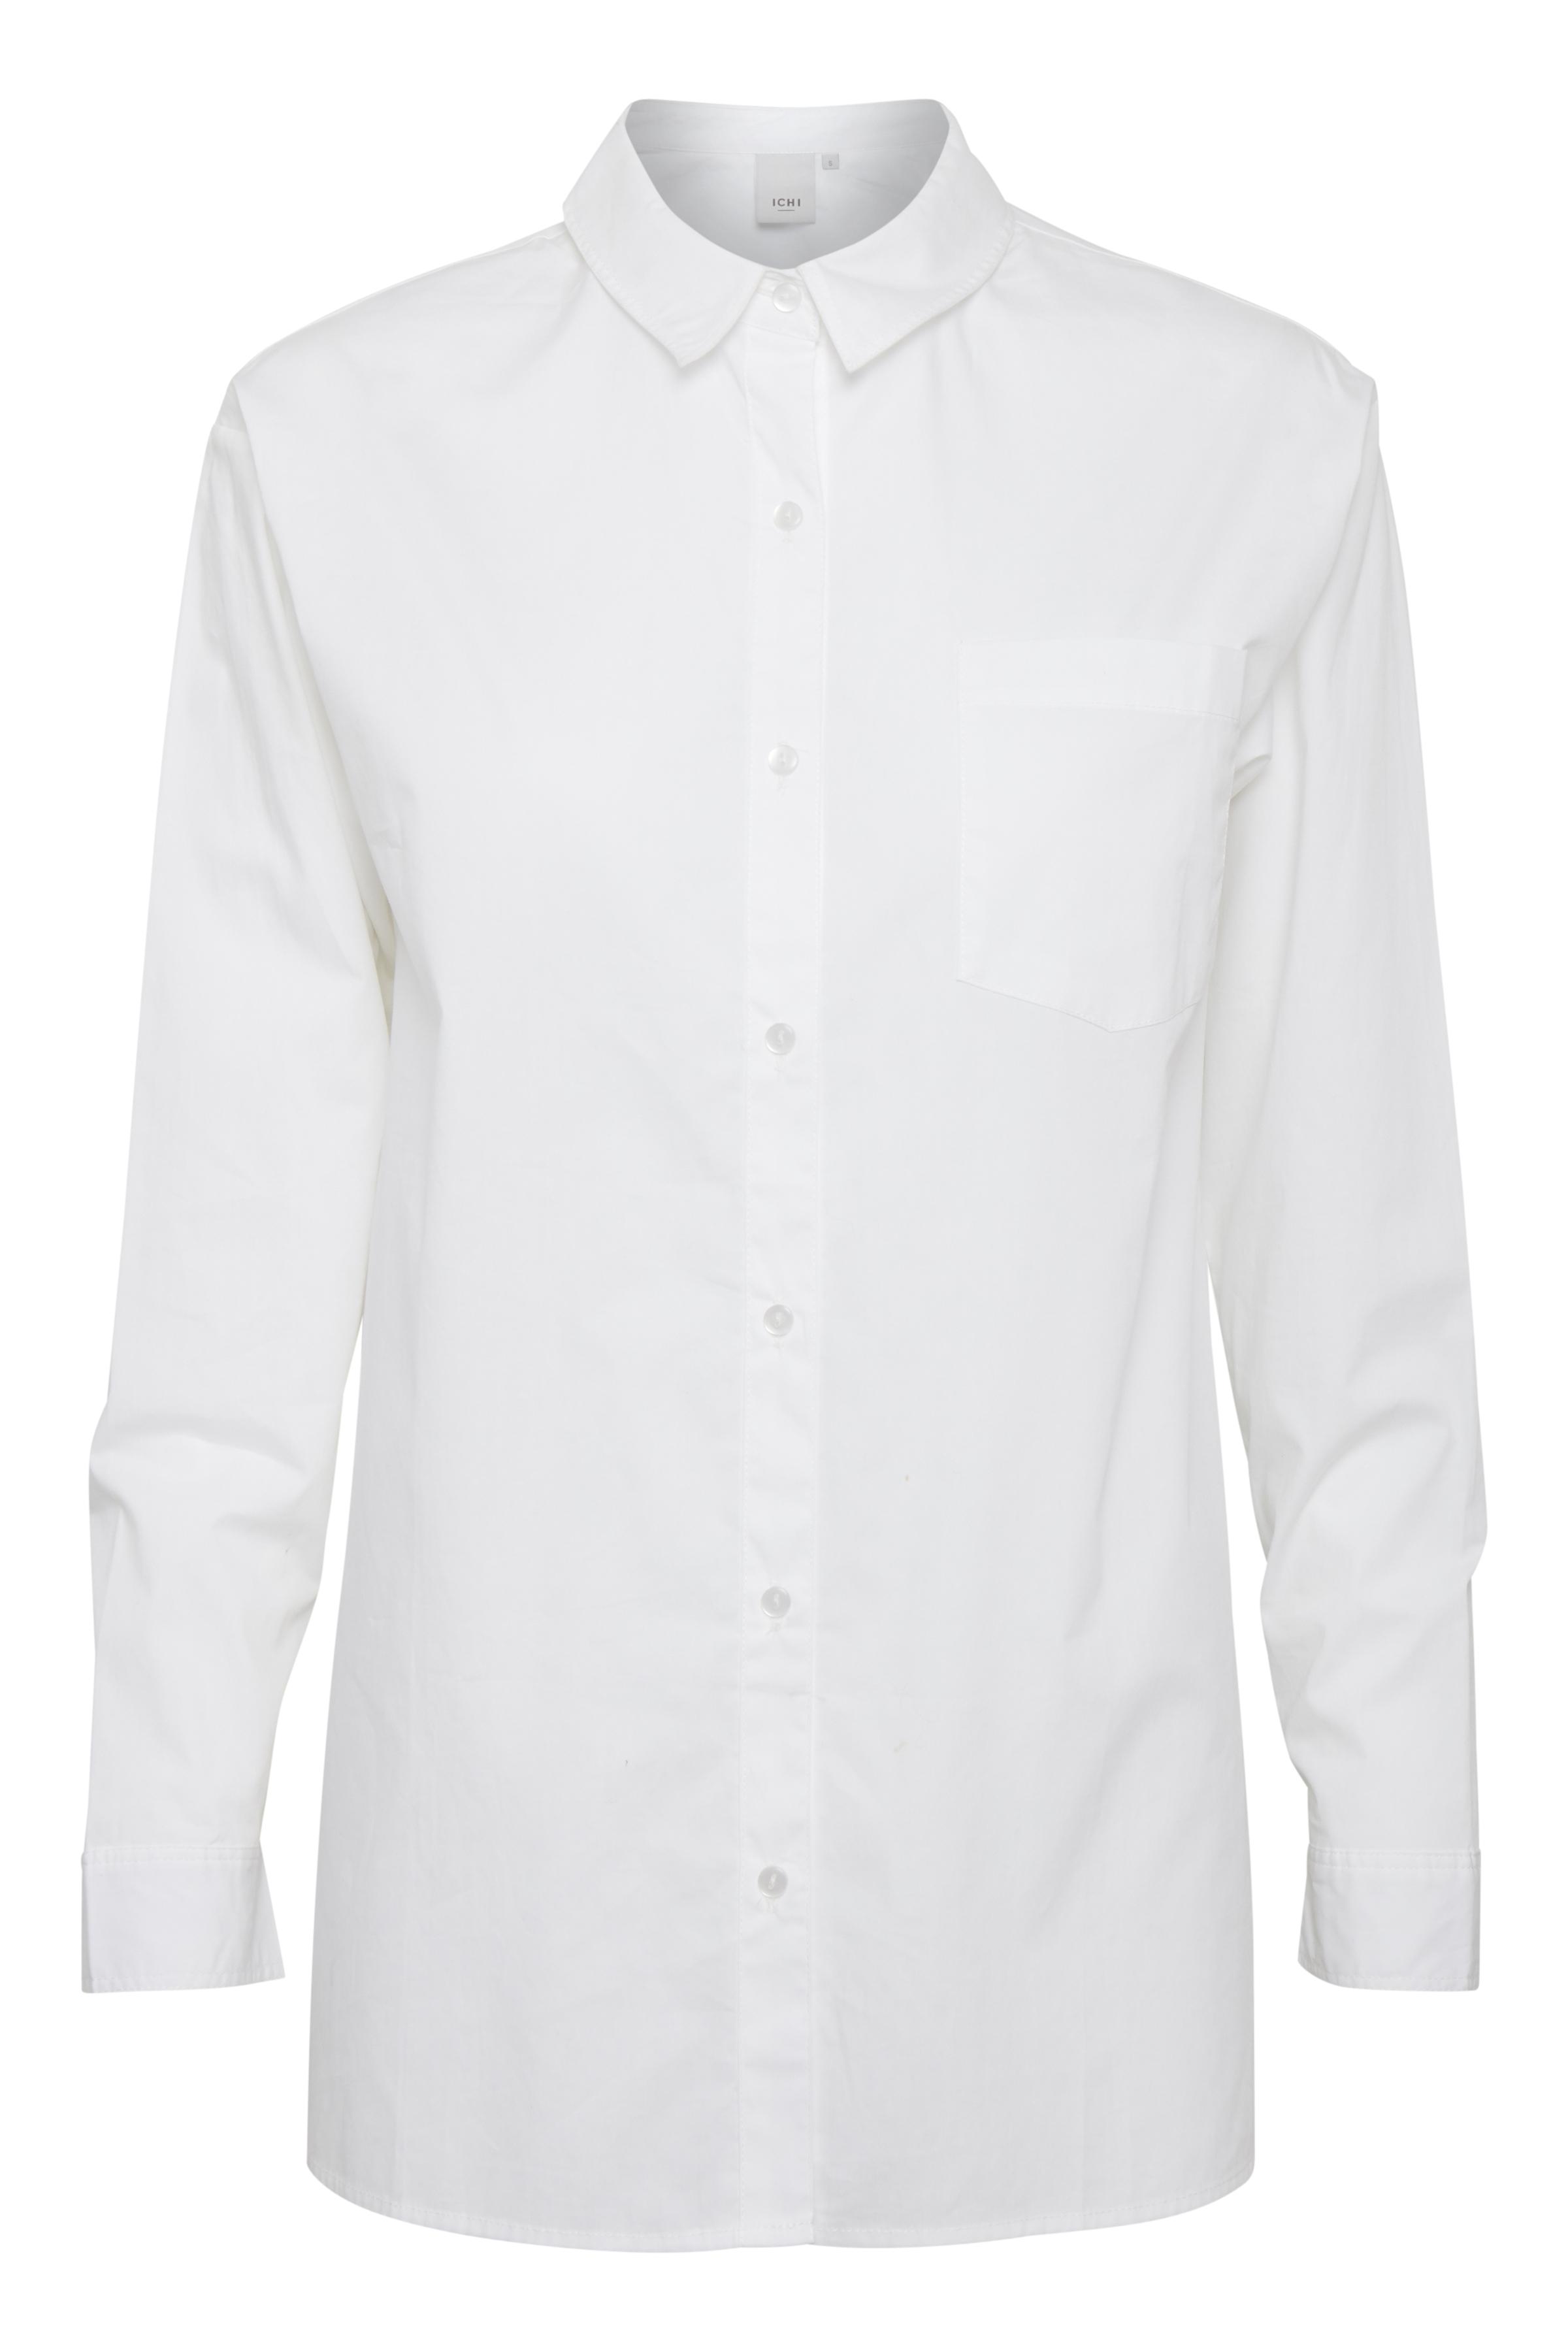 White Langærmet skjorte – Køb White Langærmet skjorte fra str. XS-XXL her